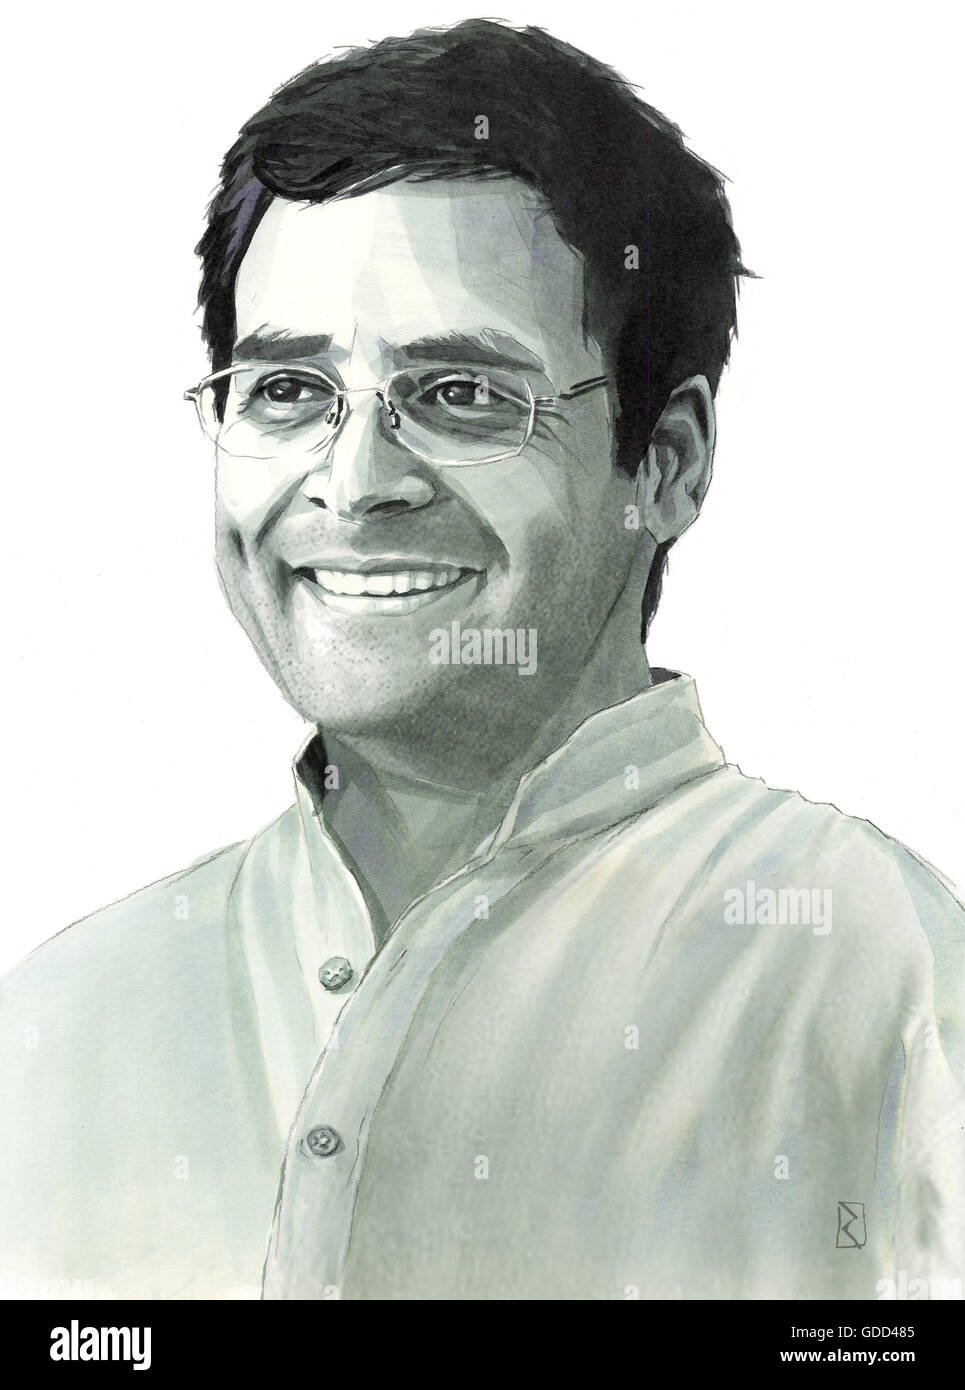 Gandhi, Rahul, * 19.6.1970, homme politique indien, portrait, dessin monochrome par Jan Rieckhoff, 22.5.2009, l'artiste Photo Stock